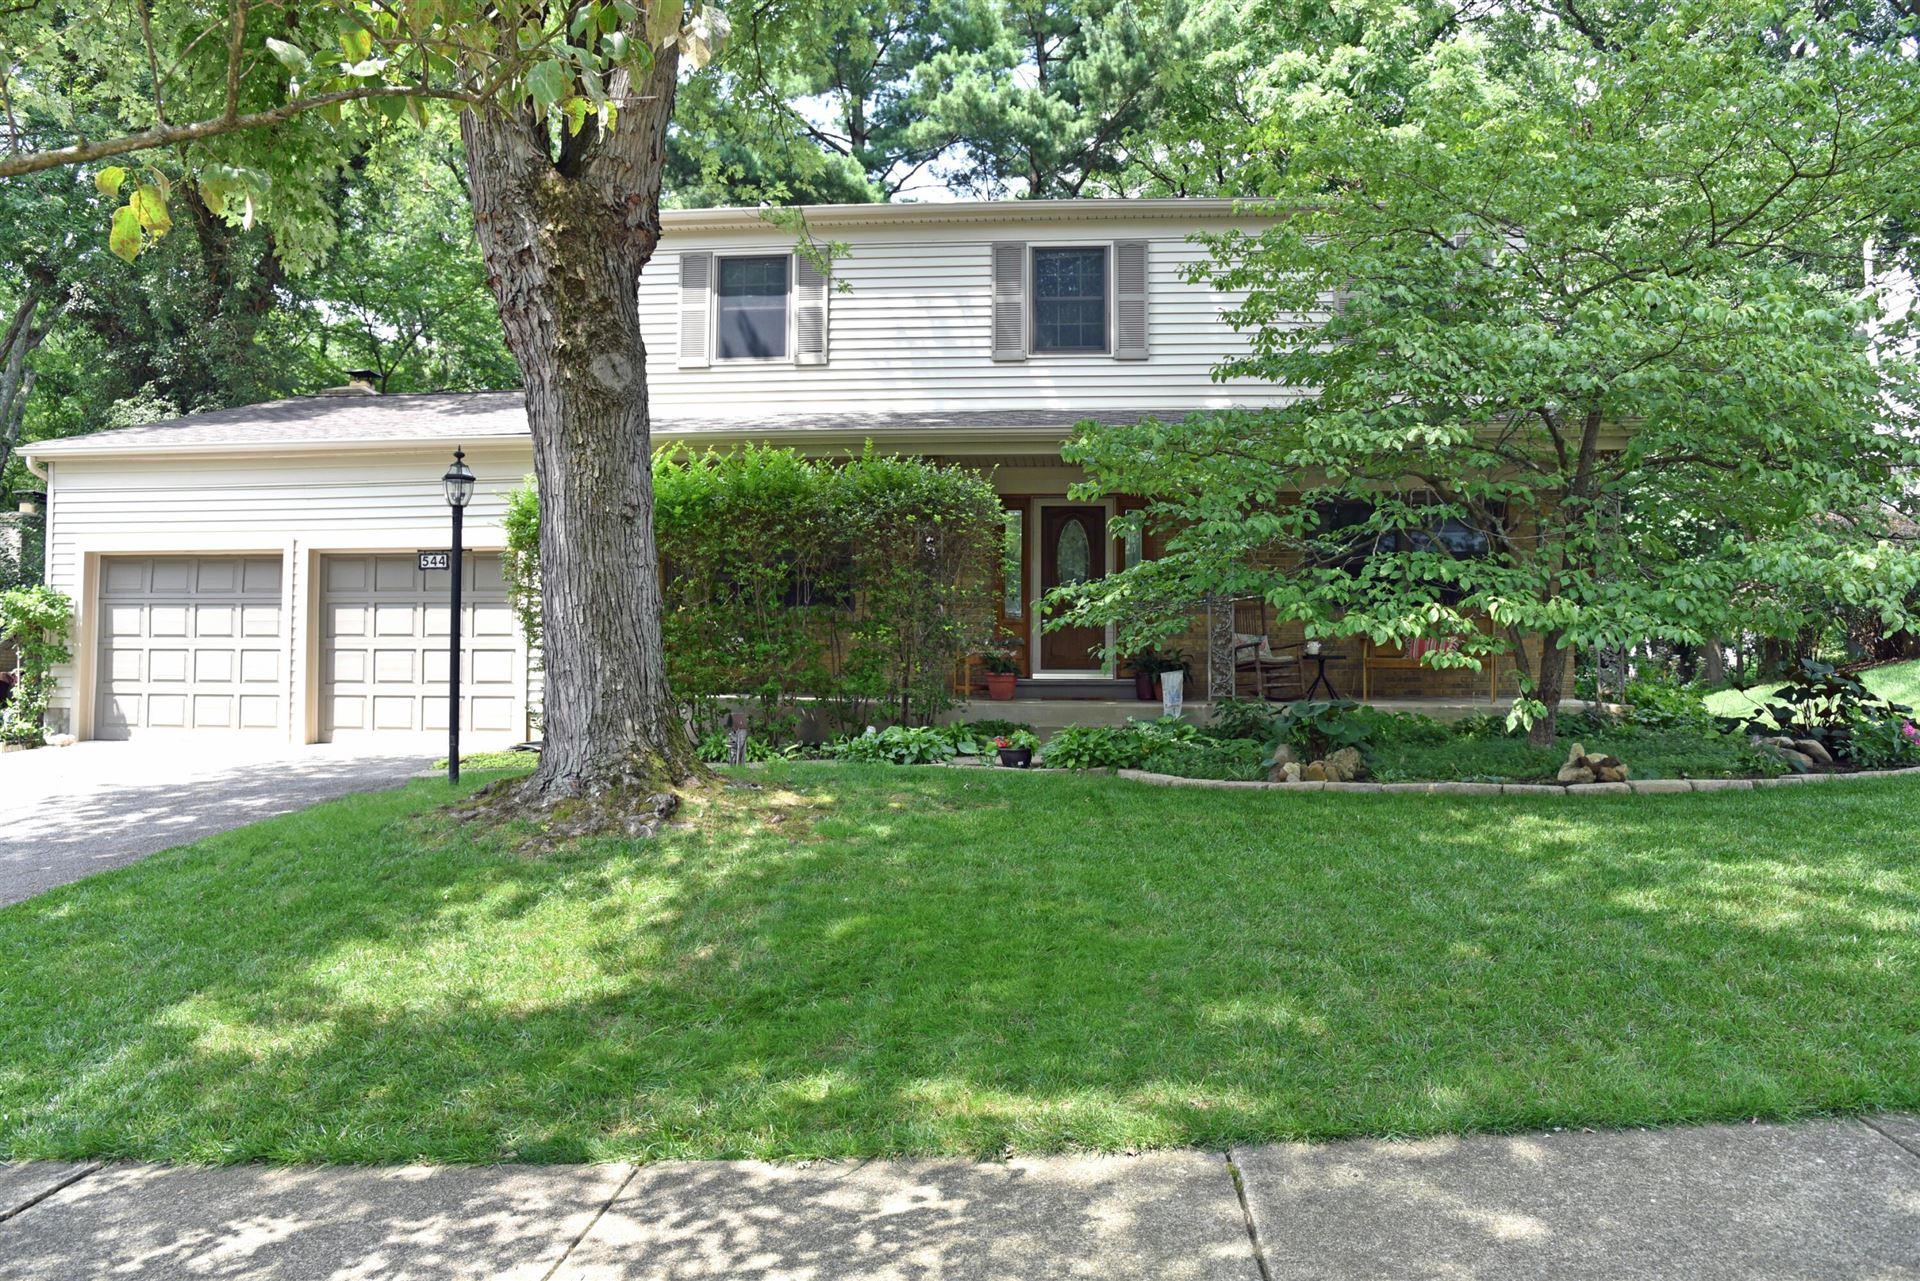 Photo of 544 Haymore Avenue N, Worthington, OH 43085 (MLS # 221027194)